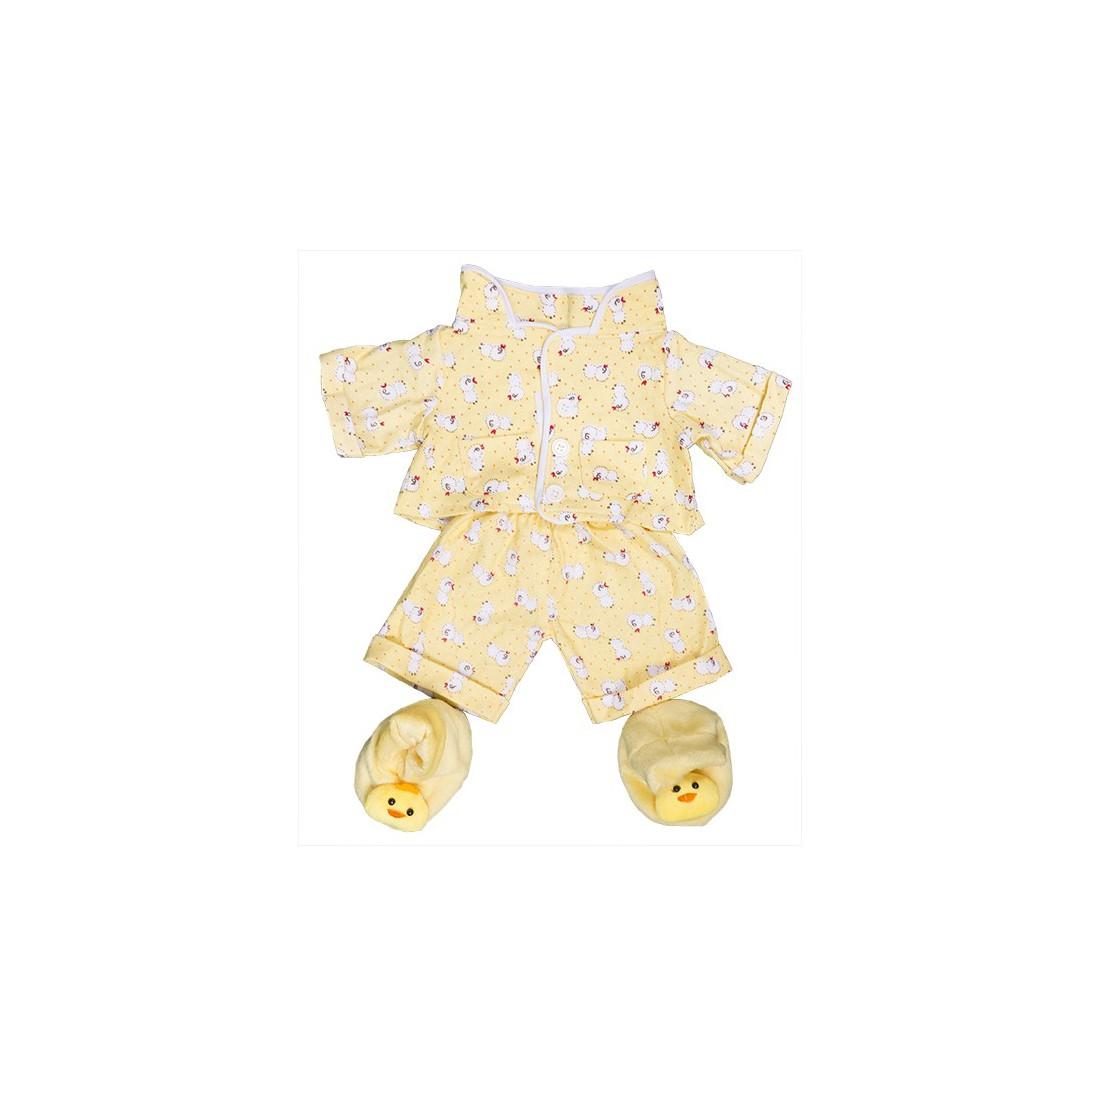 """Pyjama jaune """"poussin"""" et pantoufles  - la tenue idéale pour les peluches personnalisées ! ,  40 cm  - La tenue idé"""